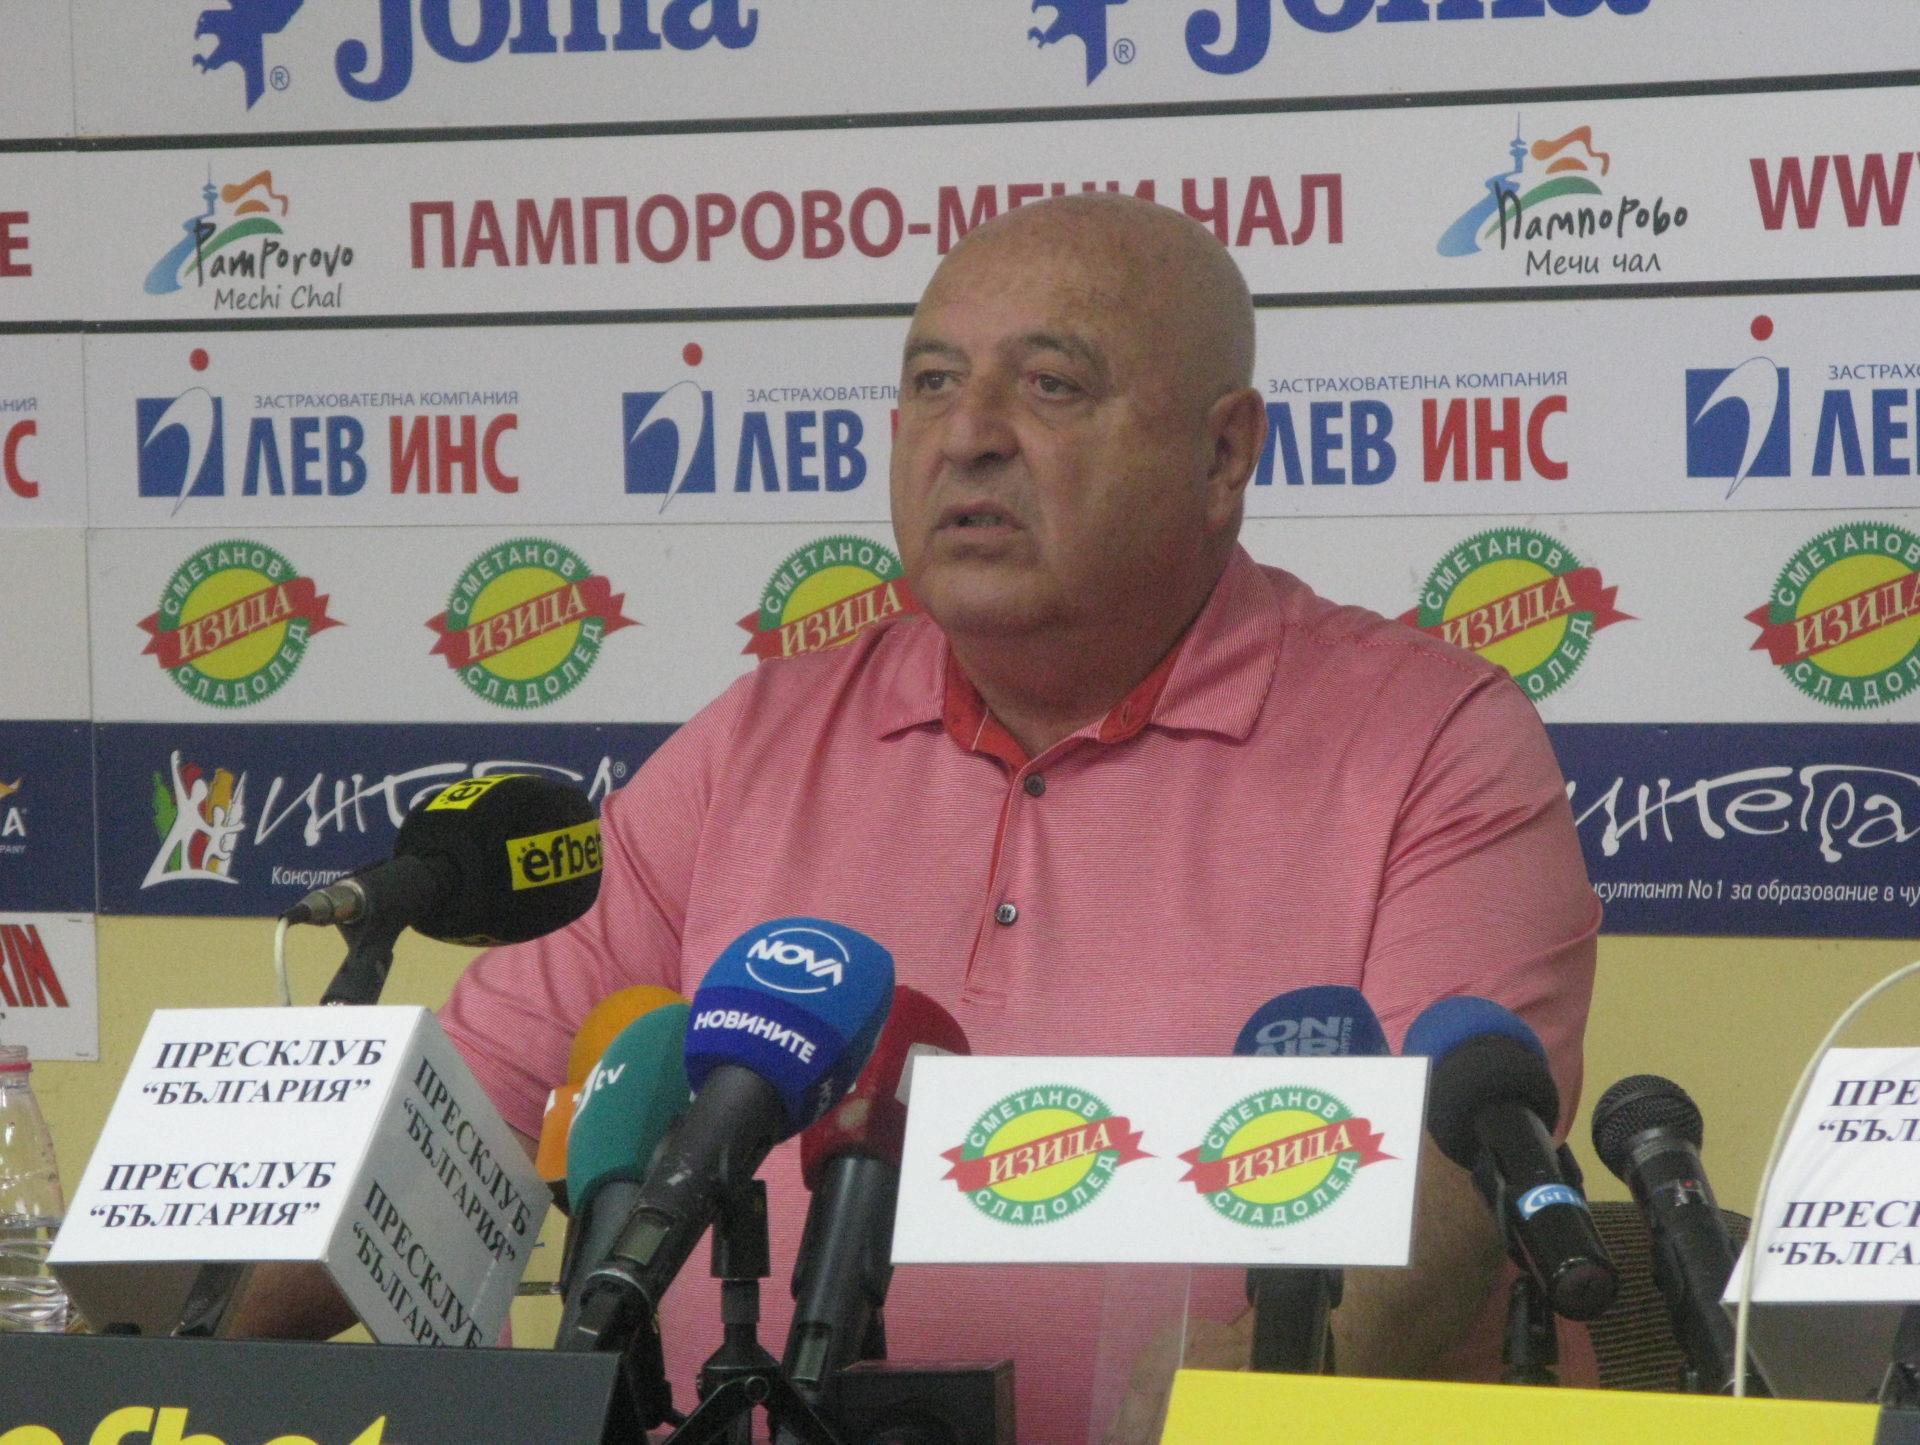 Венци Стефанов :  Защитата беше  най-слабото място на Славия този сезон и въпреки това Левски не ни победи